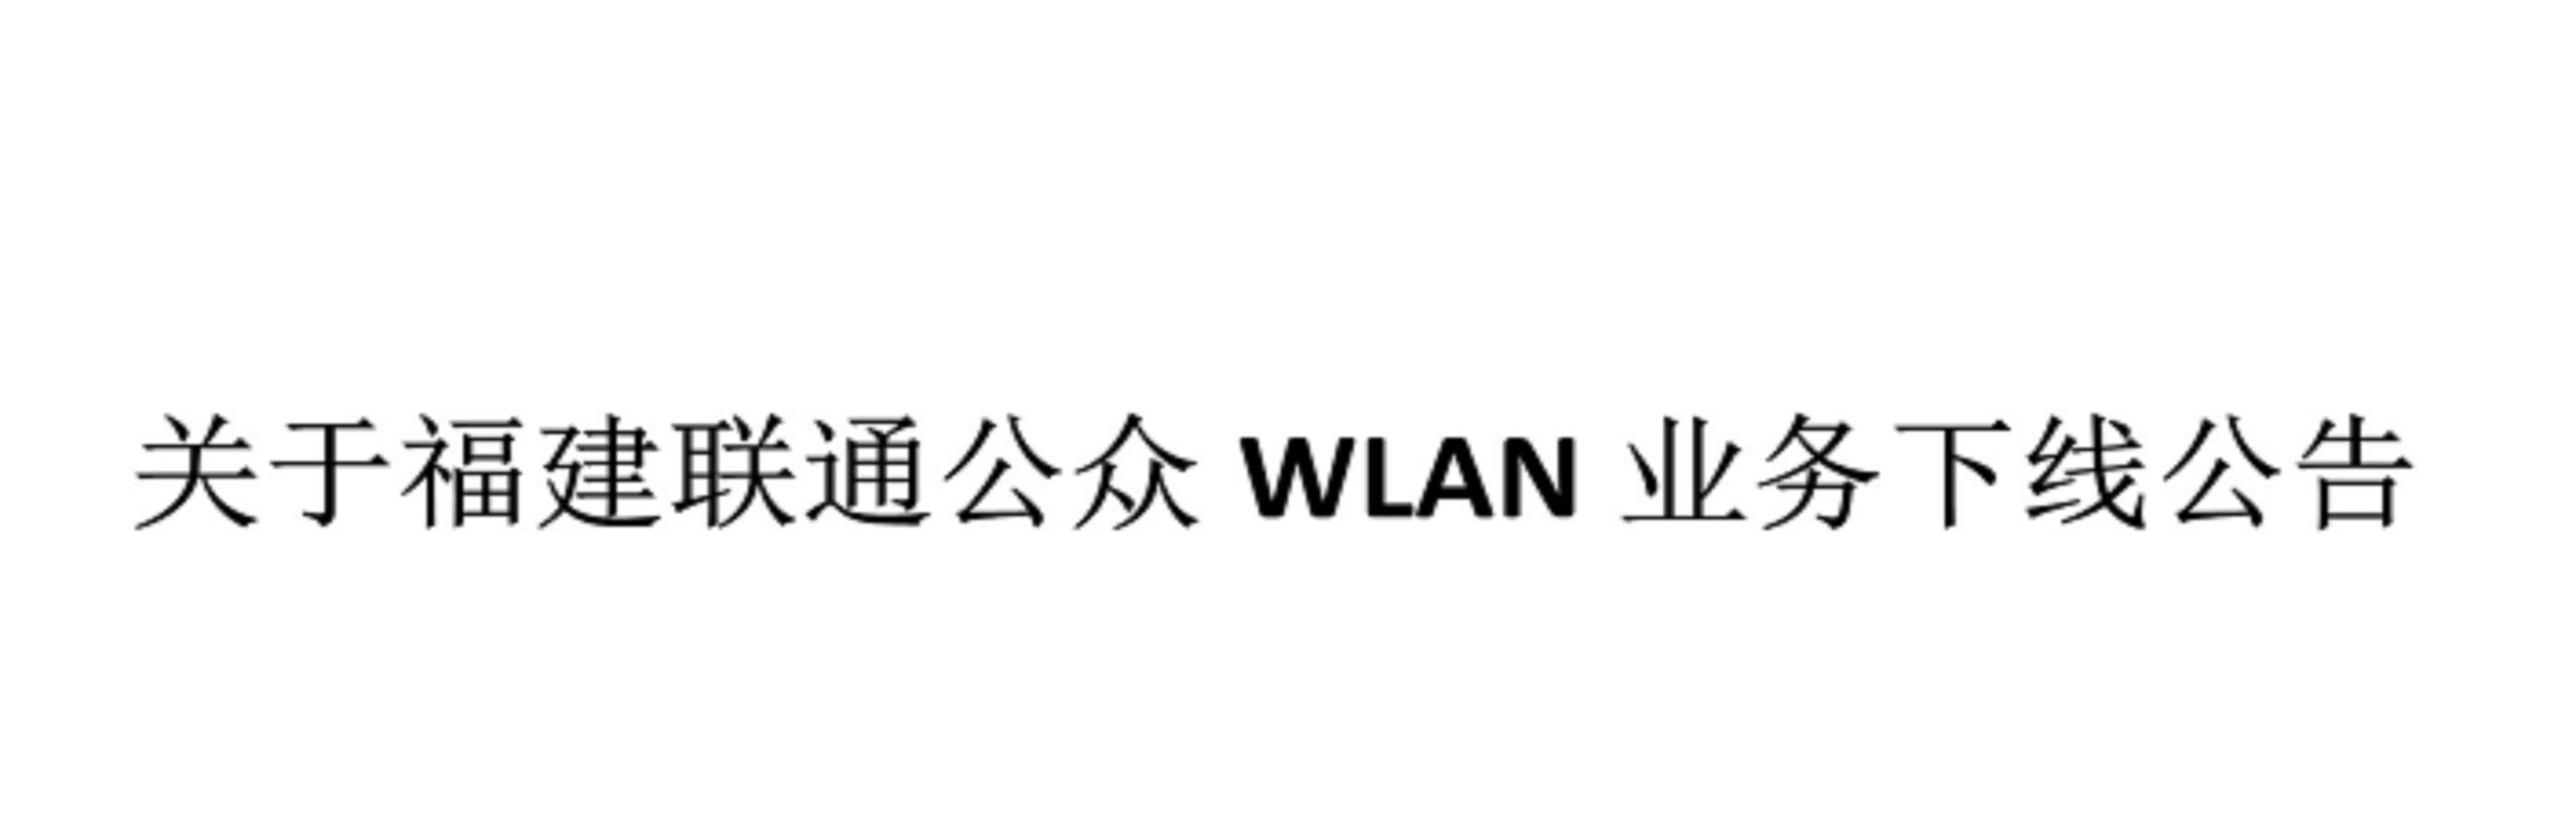 福建联通公众WLAN业务下线